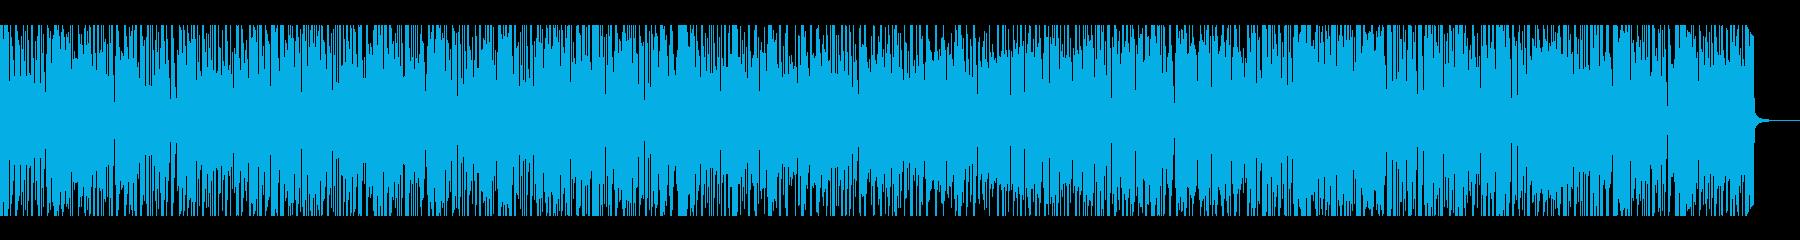 ノリの良いファンク、ナレーションバックの再生済みの波形